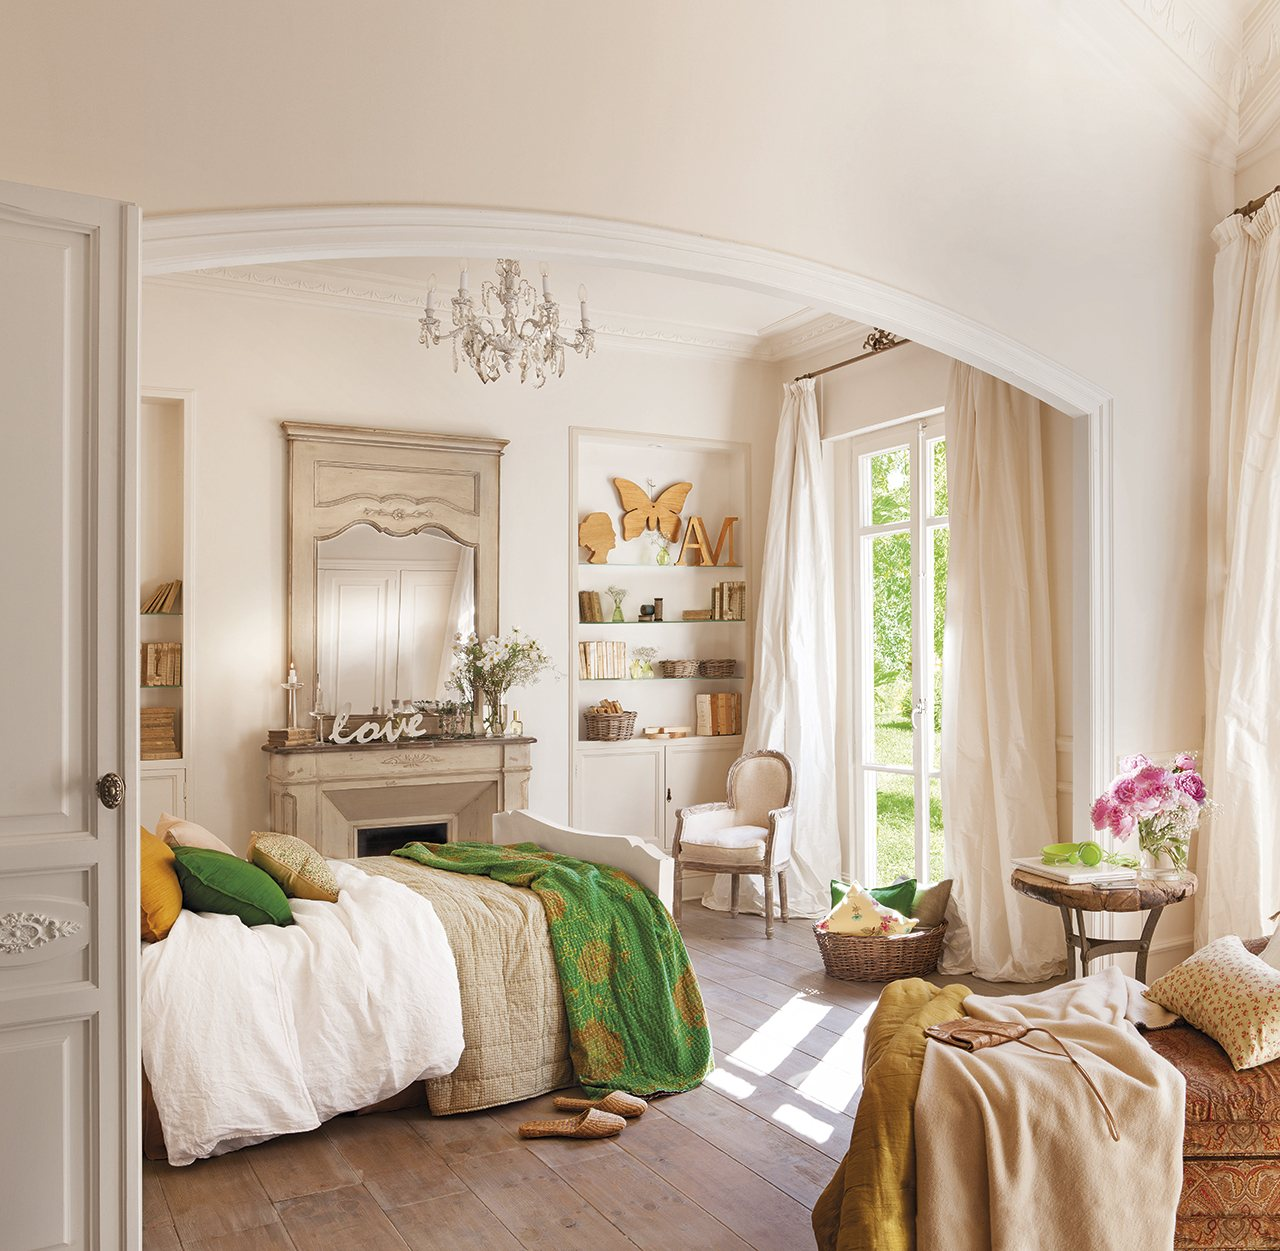 Los 10 dormitorios m s bonitos del a o for Dormitorios pequenos para adultos